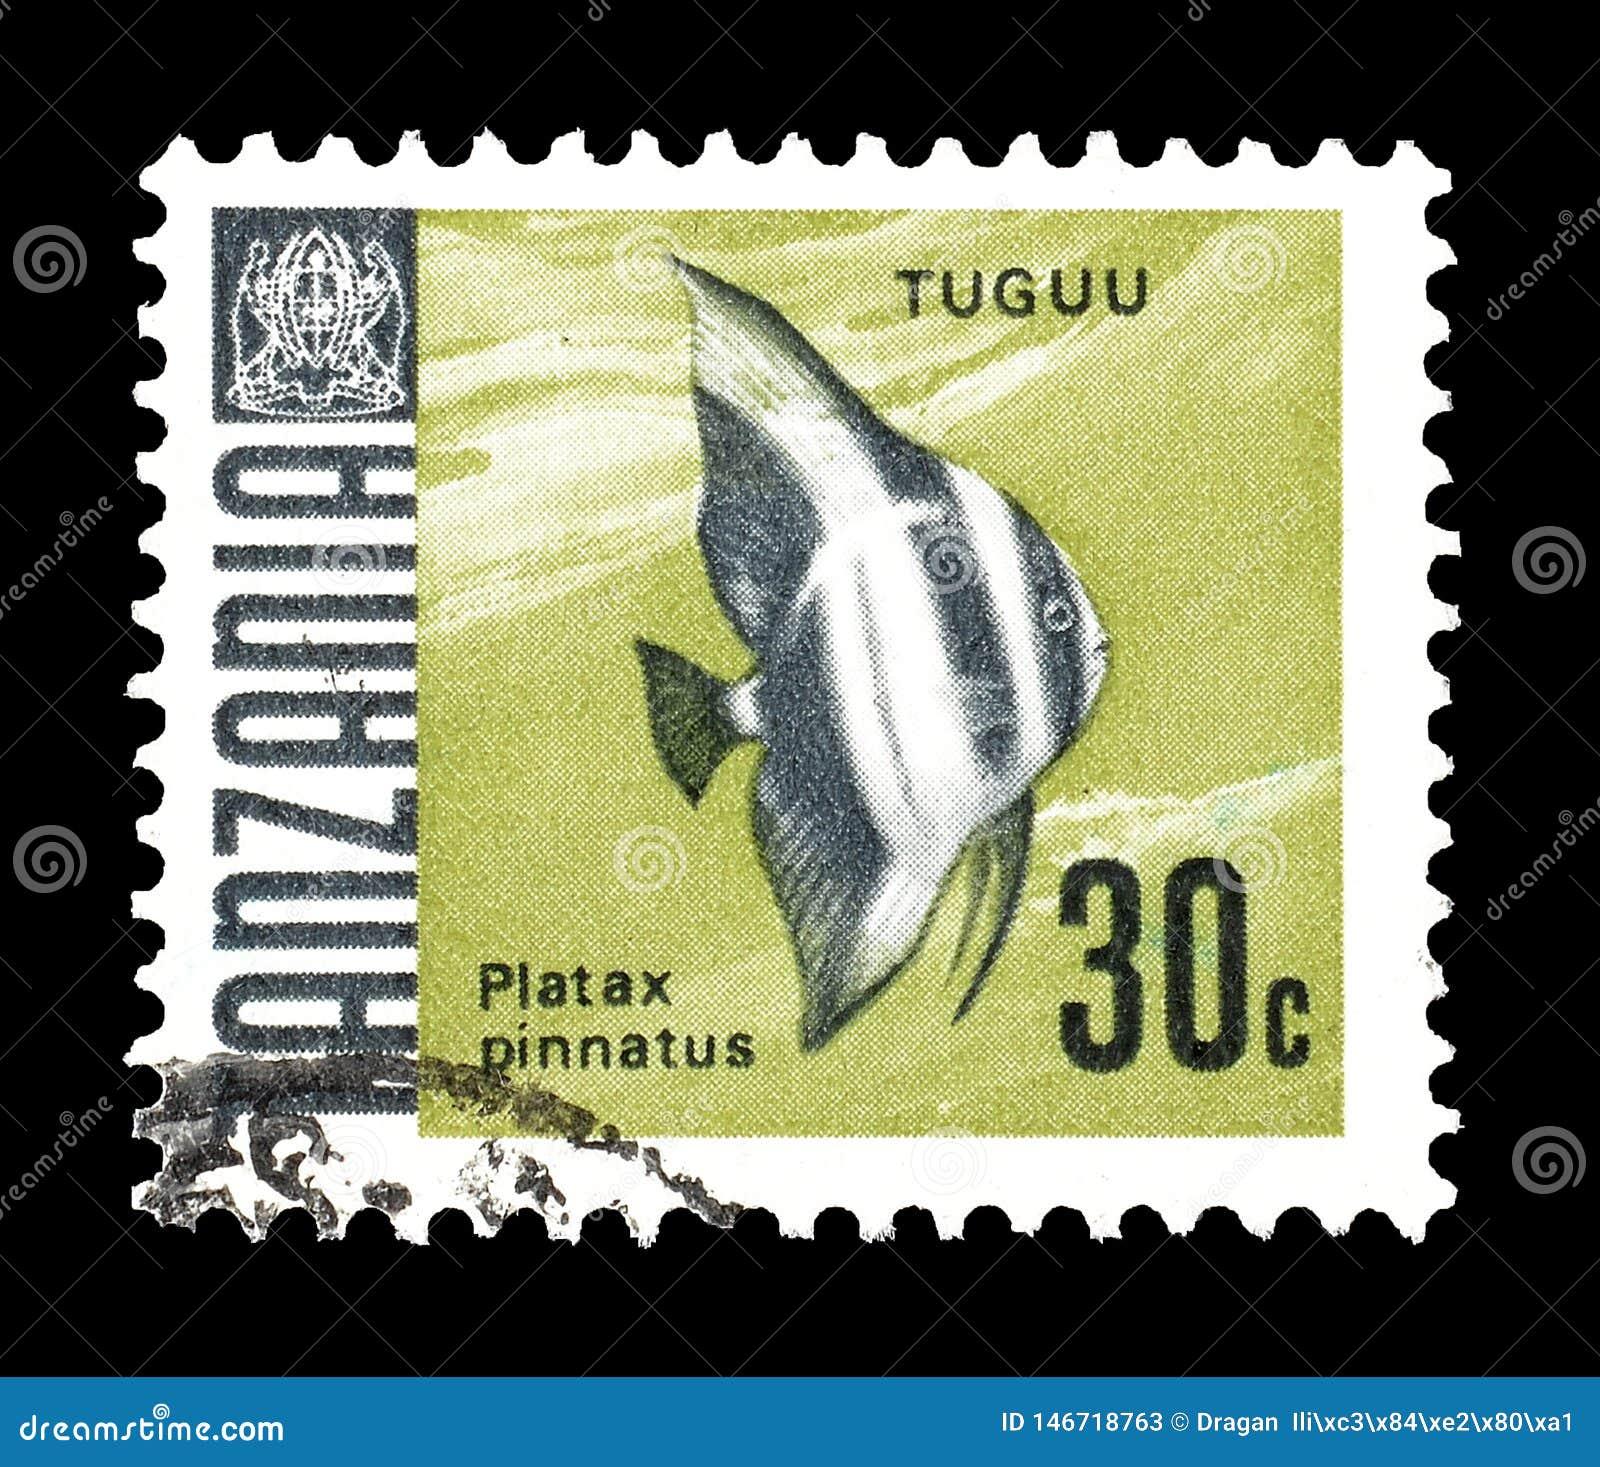 Wilde dieren op postzegels